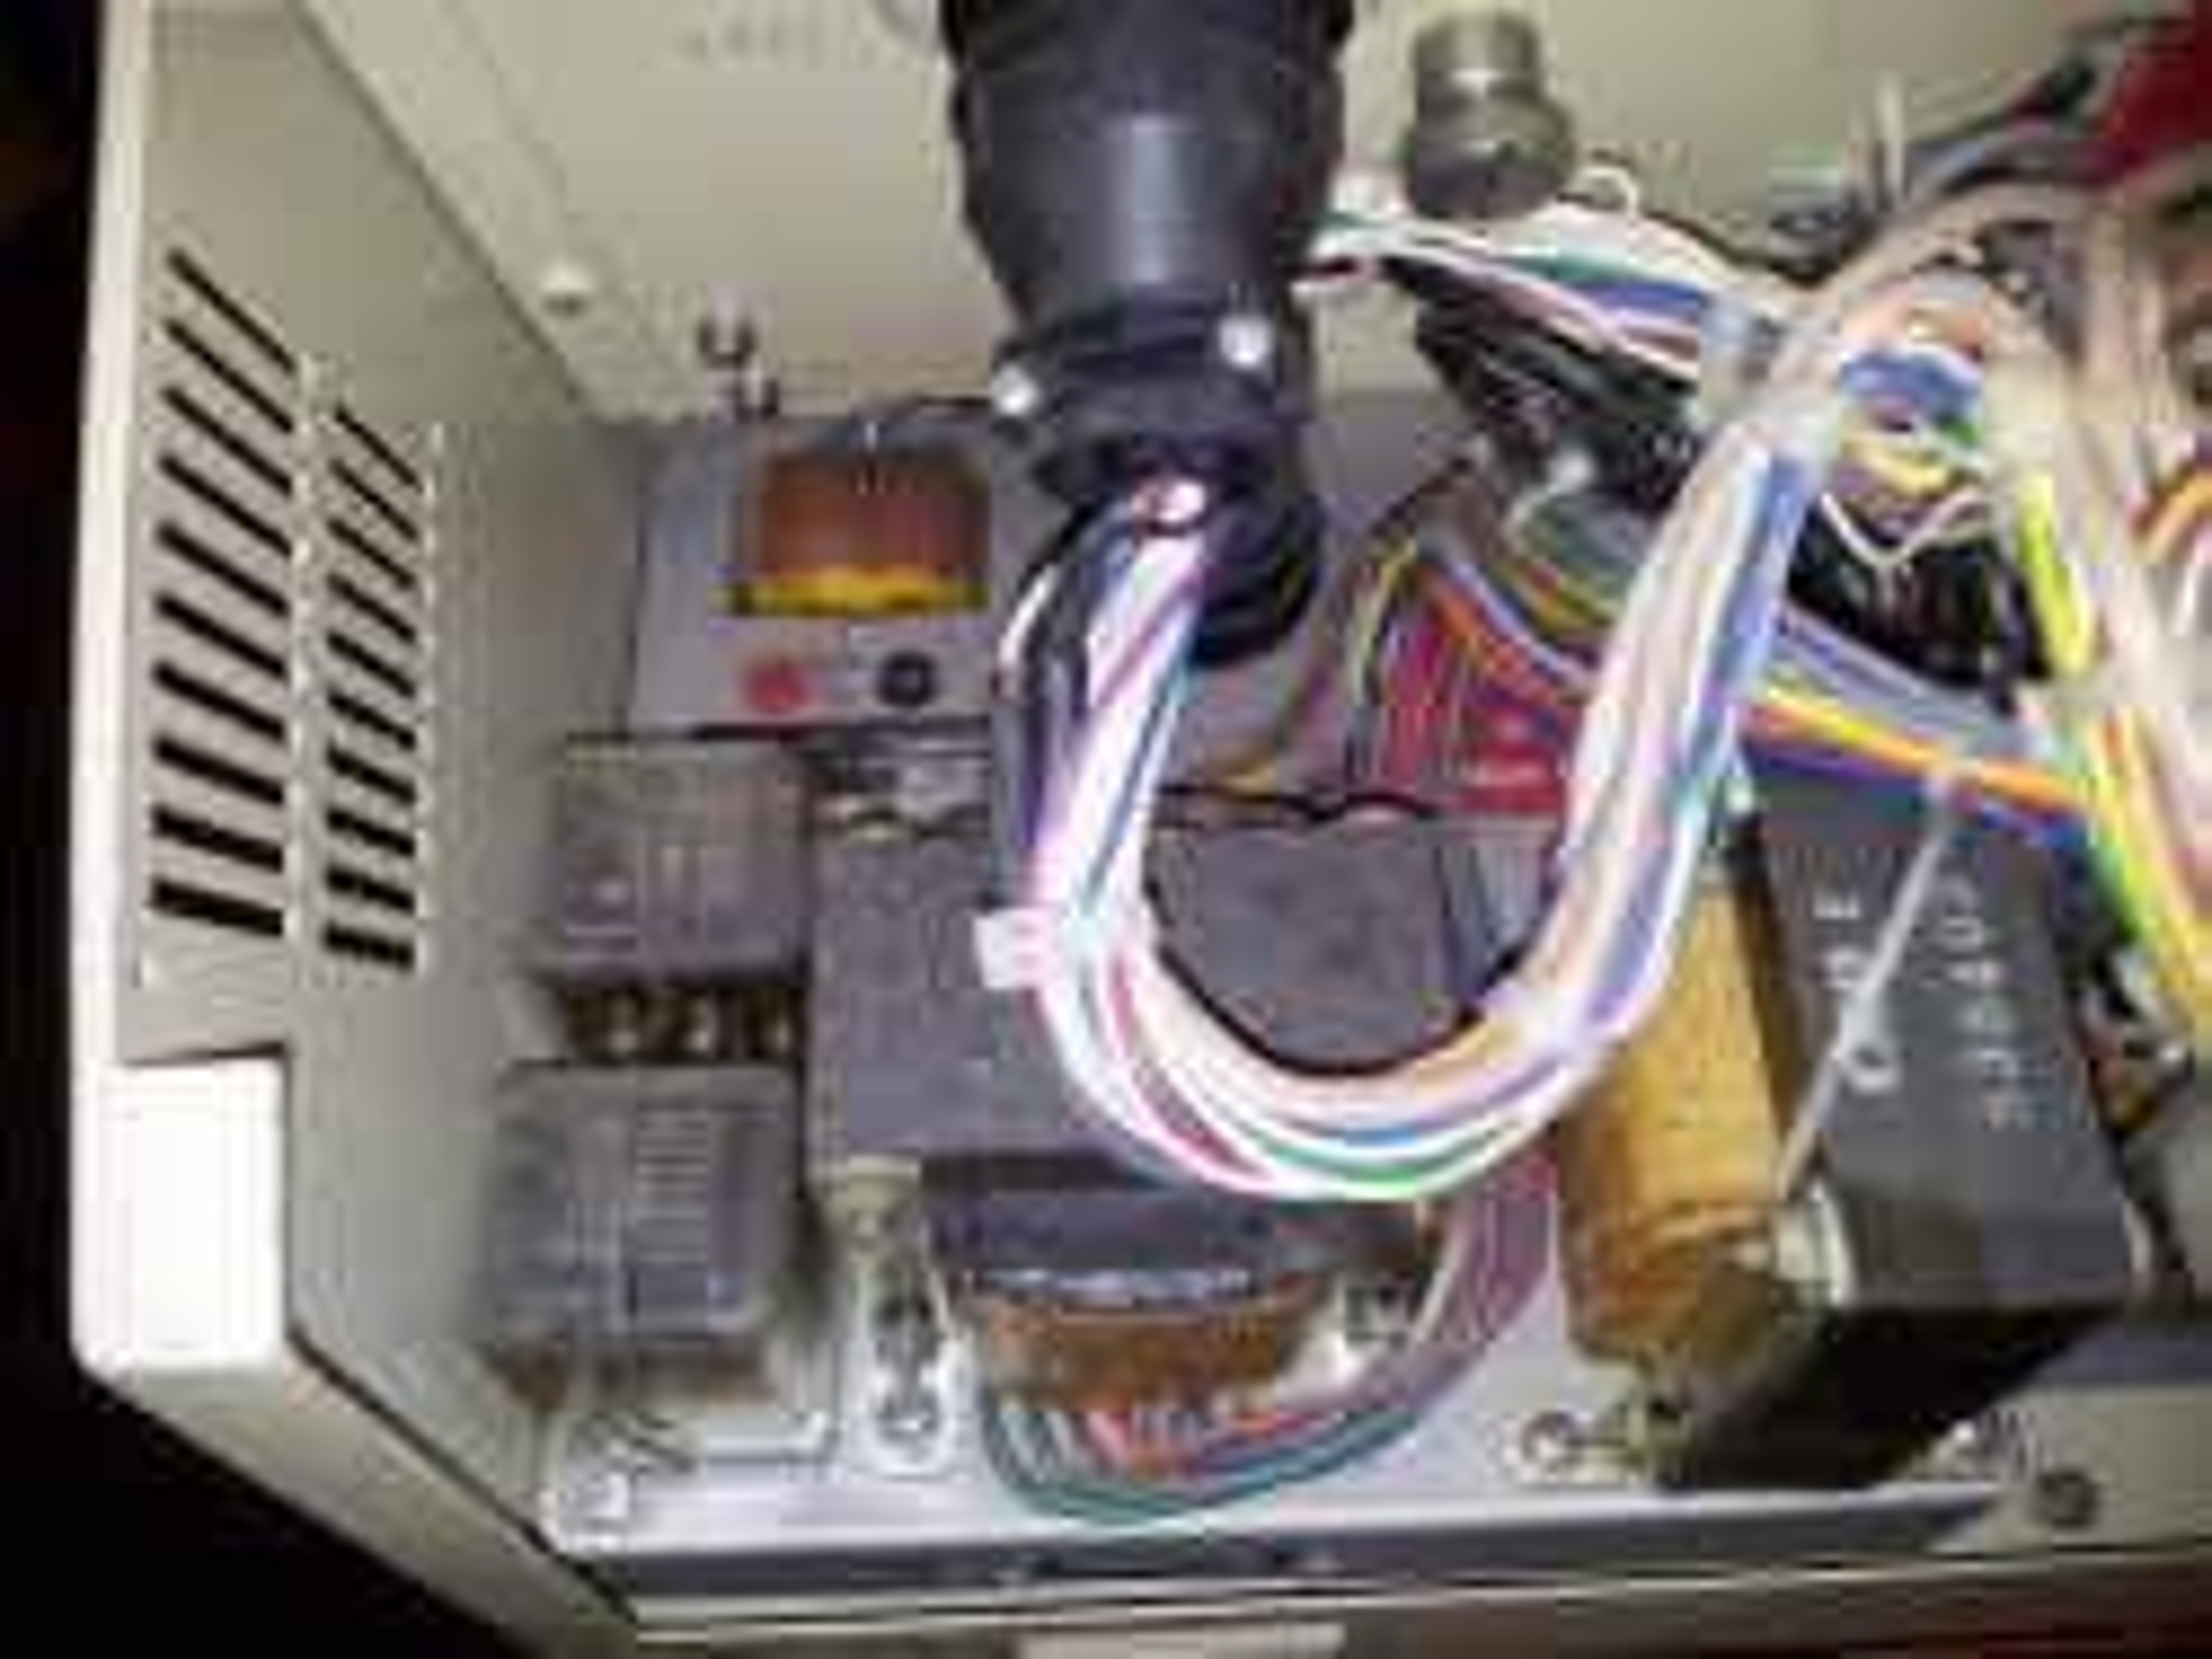 Elektronika v detailu na přepínač typu žhavícího vlákna.